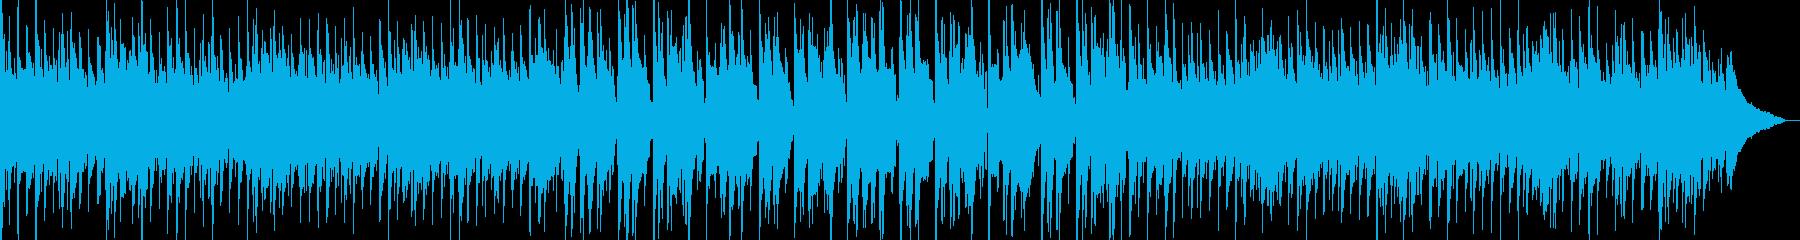 南国・ハワイ風のゆったりとしたBGMの再生済みの波形